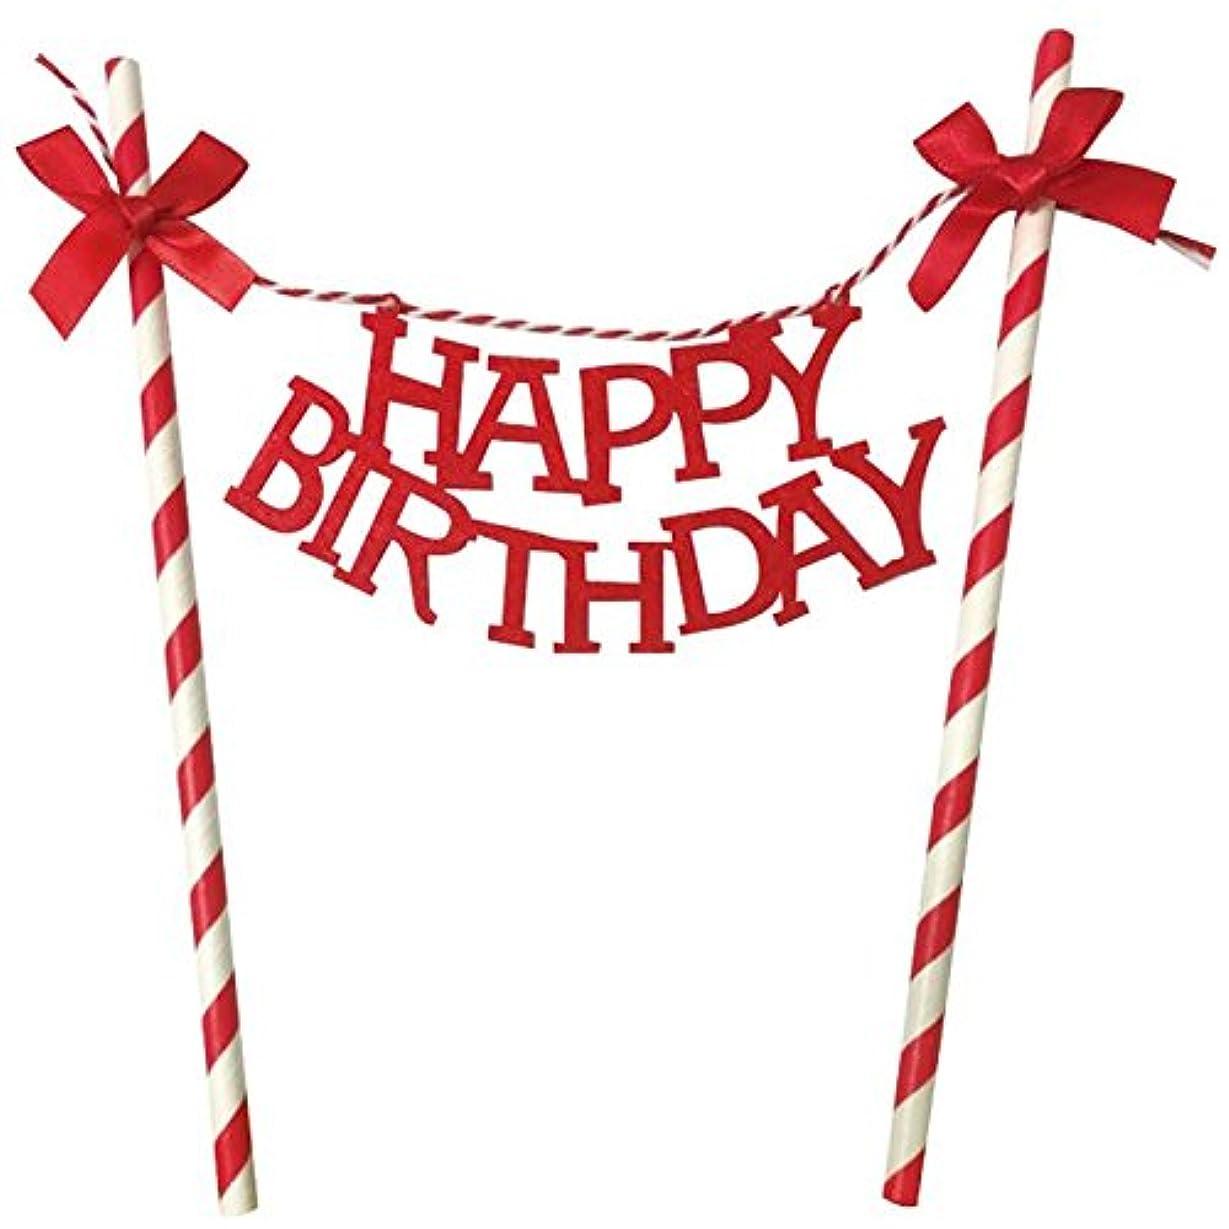 誕生日 飾り付け ケーキ 飾り かわいい ガーランド トッパー ケーキトッパー ケーキピック 1歳 女の子 (レッド)